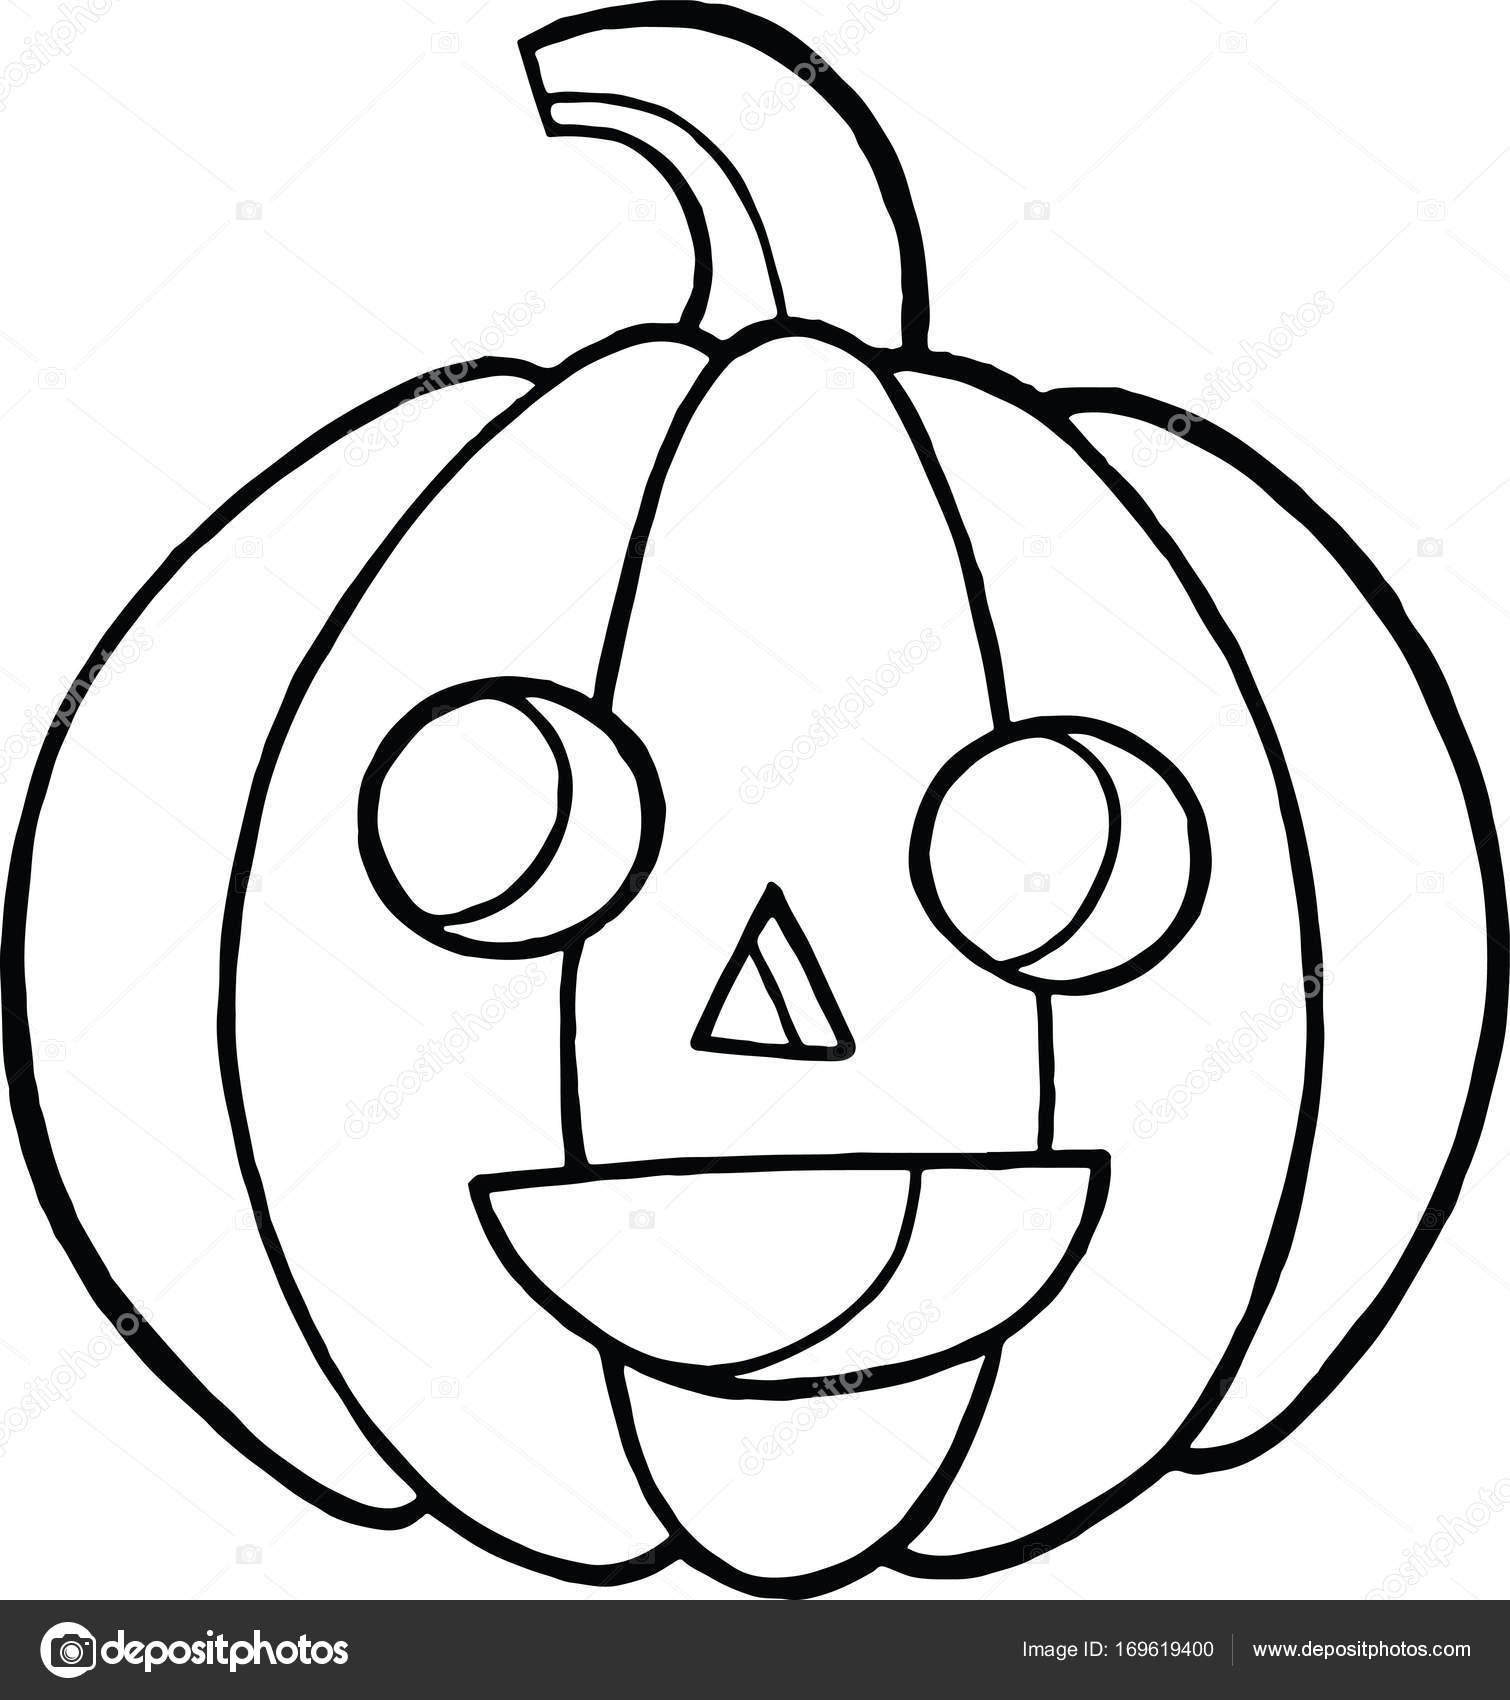 Boyama Sayfası Ve Doodle Kabak Ile Cadılar Bayramı Için Kroki Autu